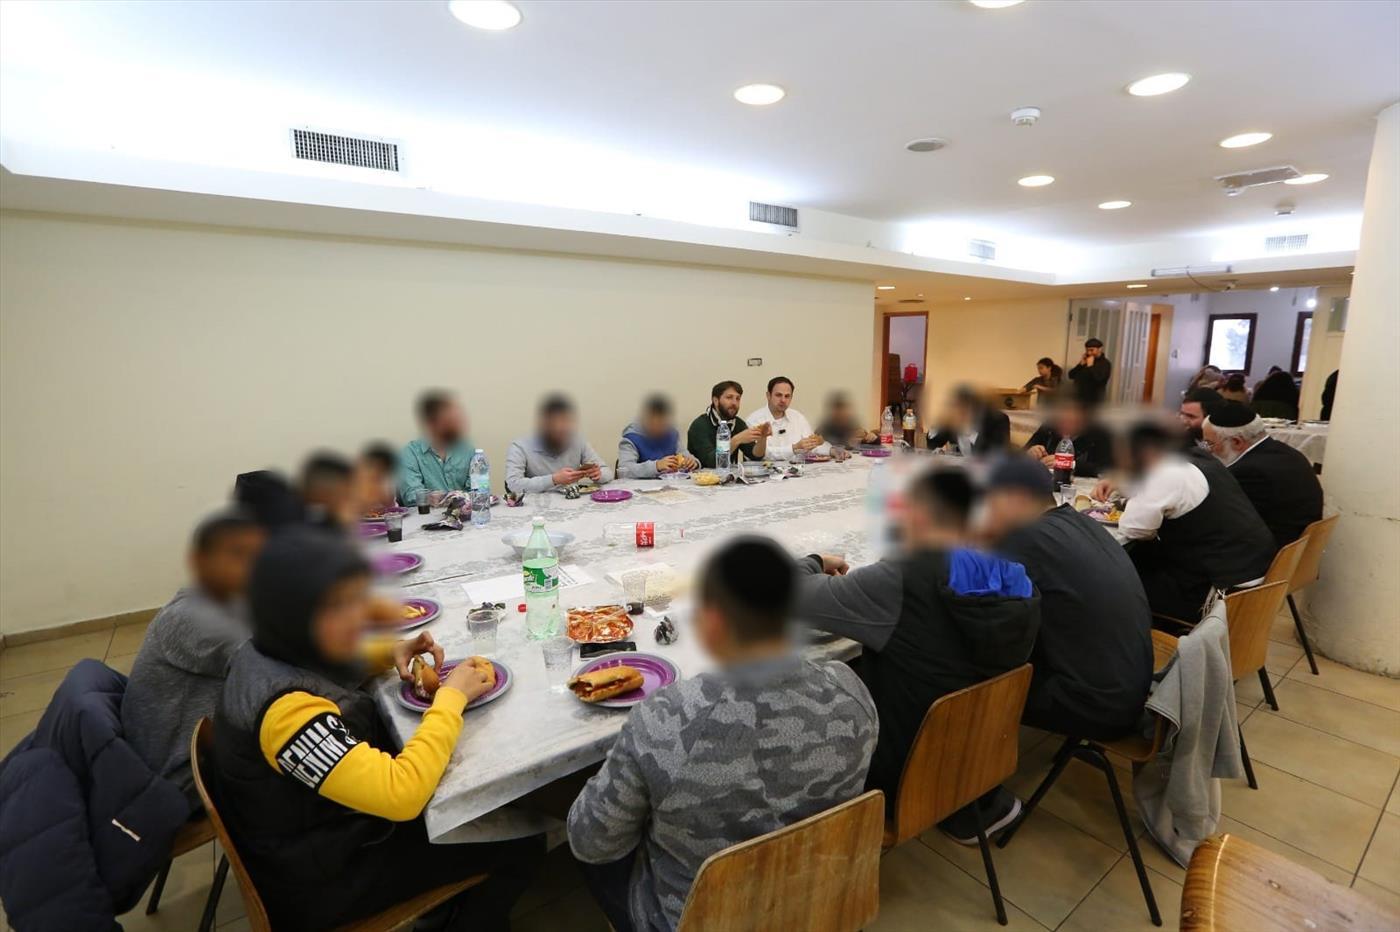 סעודת בר המצווה (צילום: יד לאחים)